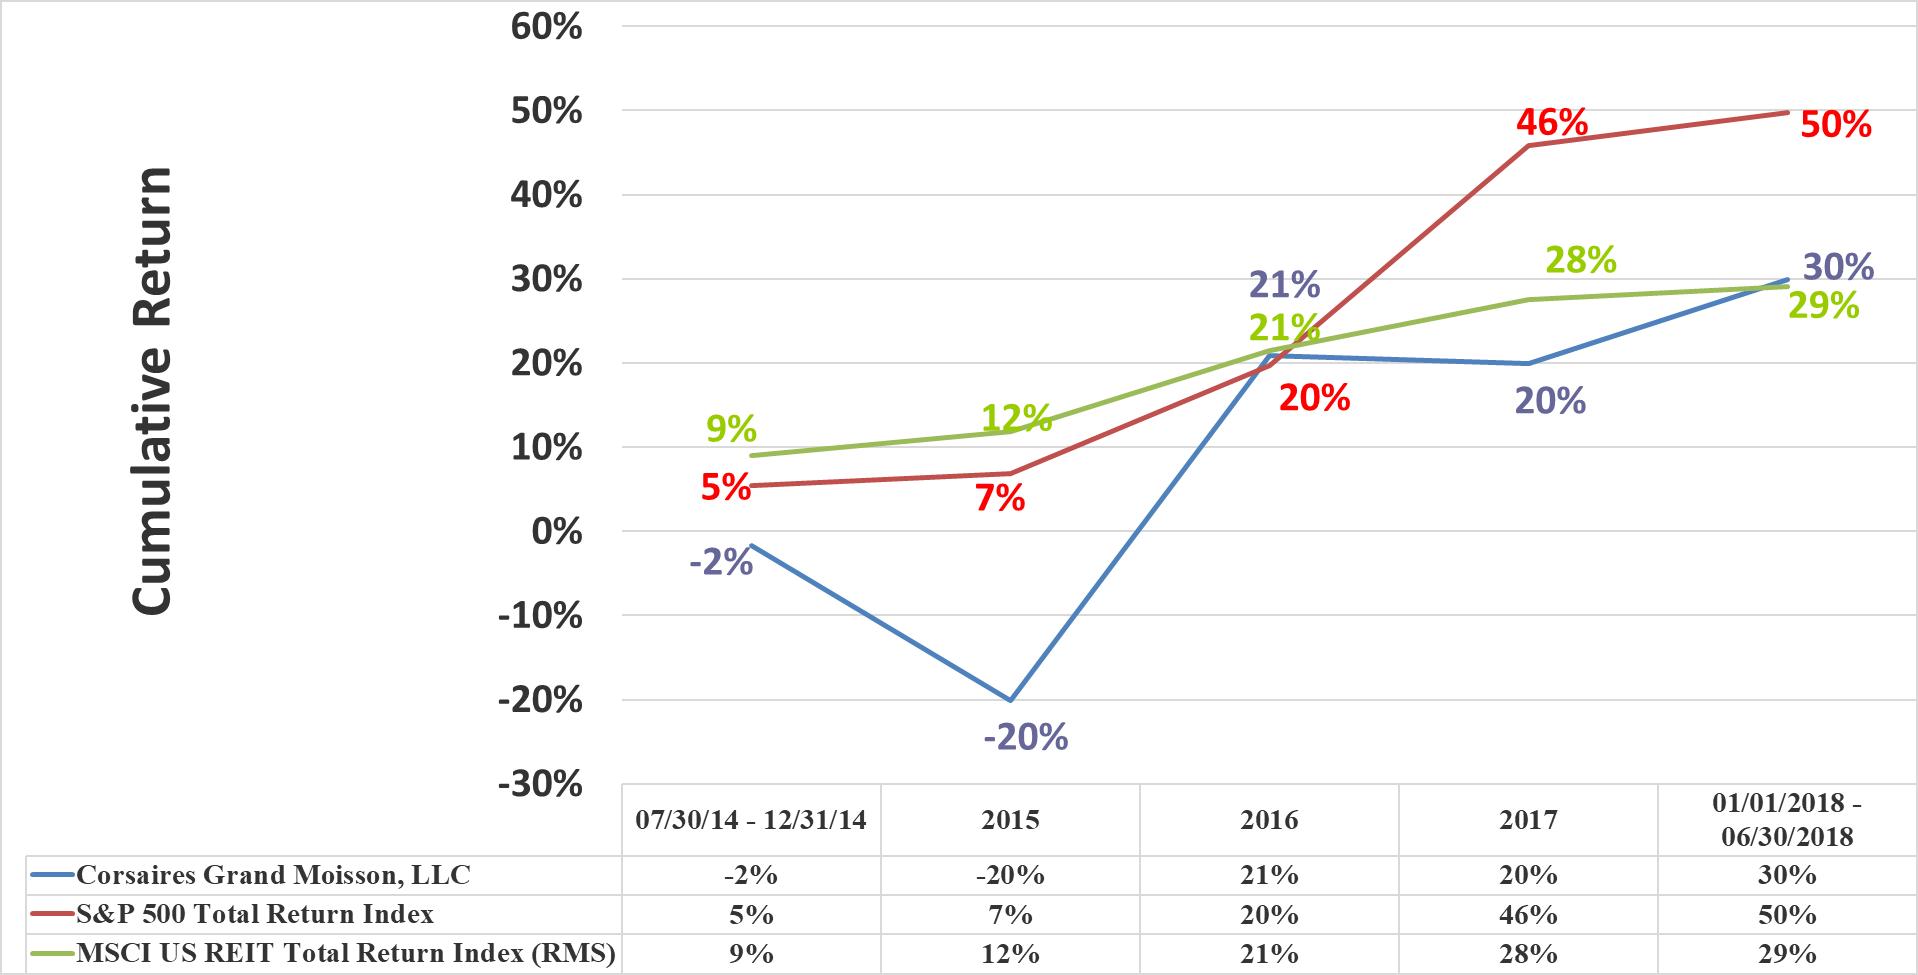 CGM Rate of Return Graphic Through Q2 2018 Cumulative